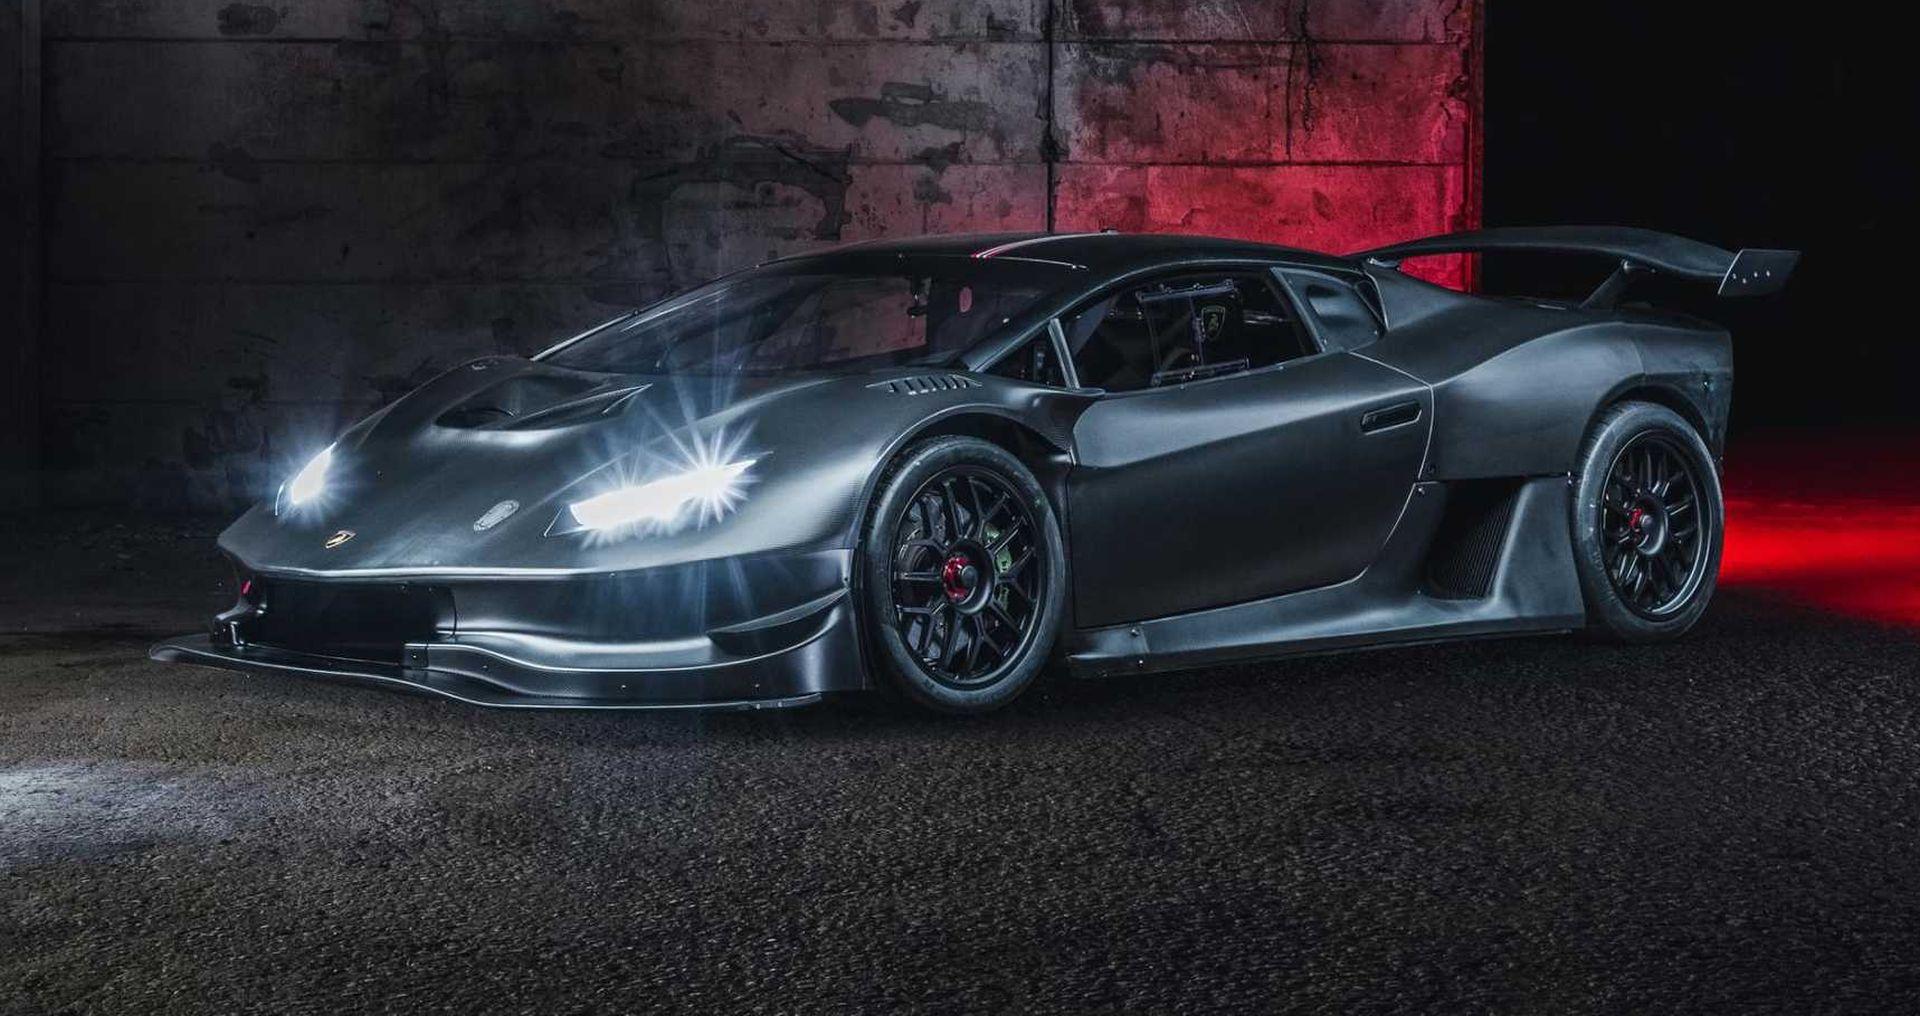 """Ako vam """"običan"""" Lamborghini nije dovoljan, onda kupite Zyrus LP1200 Strada"""